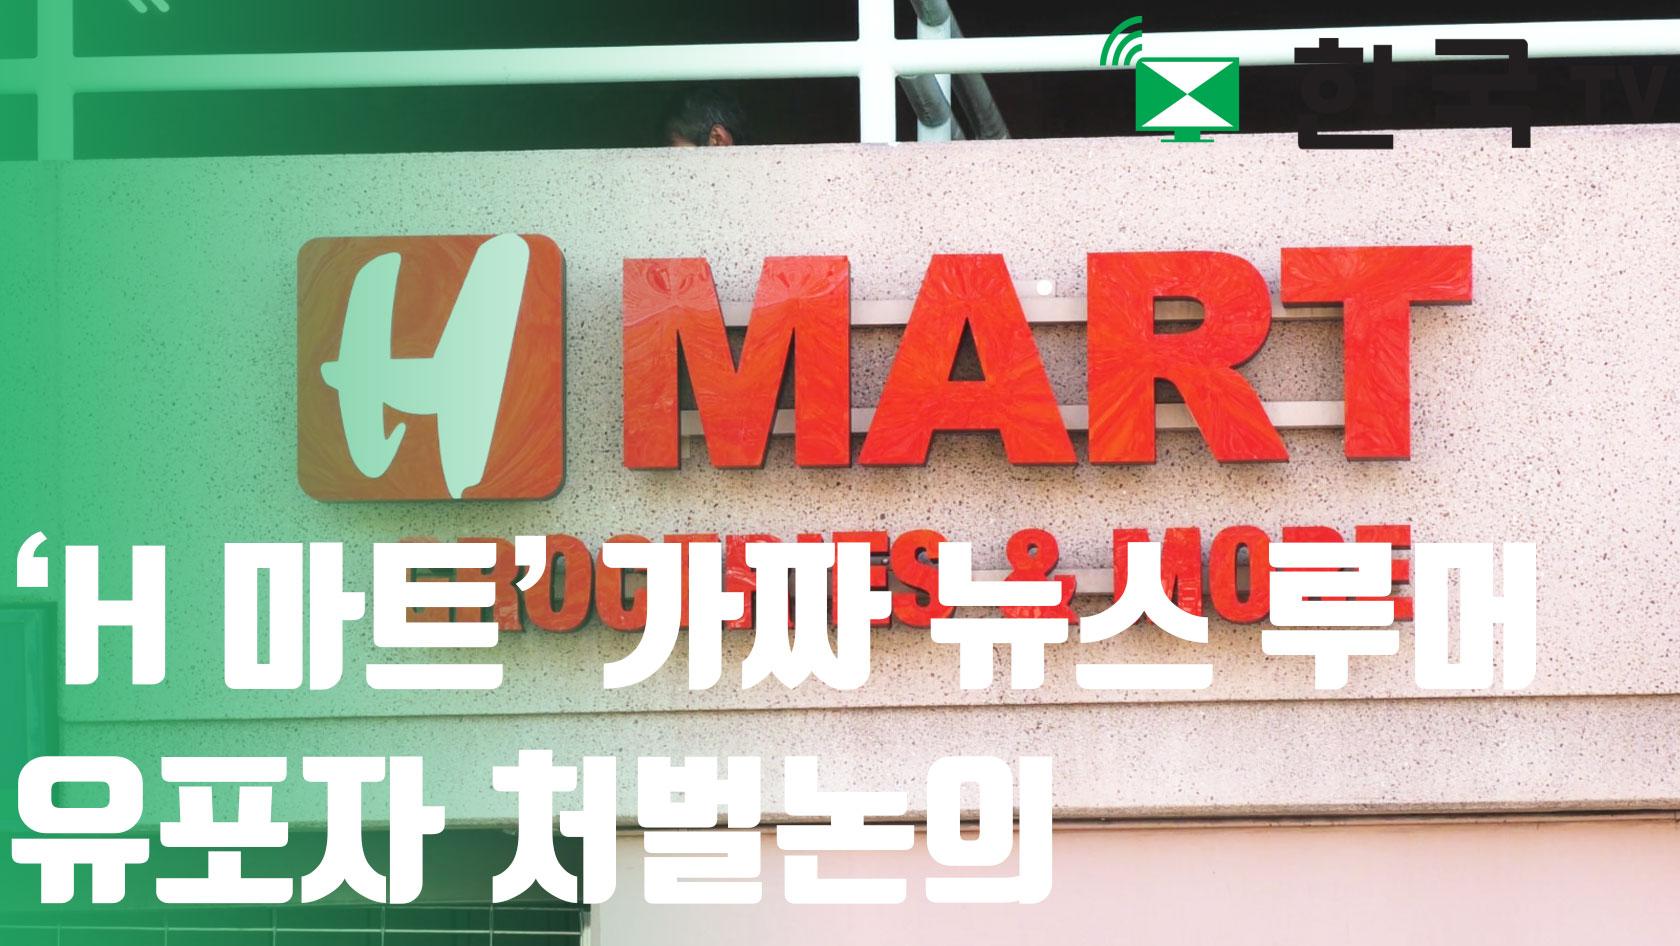 OC 한인사회와 베트남 계 커뮤니티 회동.. 'H 마트' 가짜 뉴스 루머 유포자 처벌논의